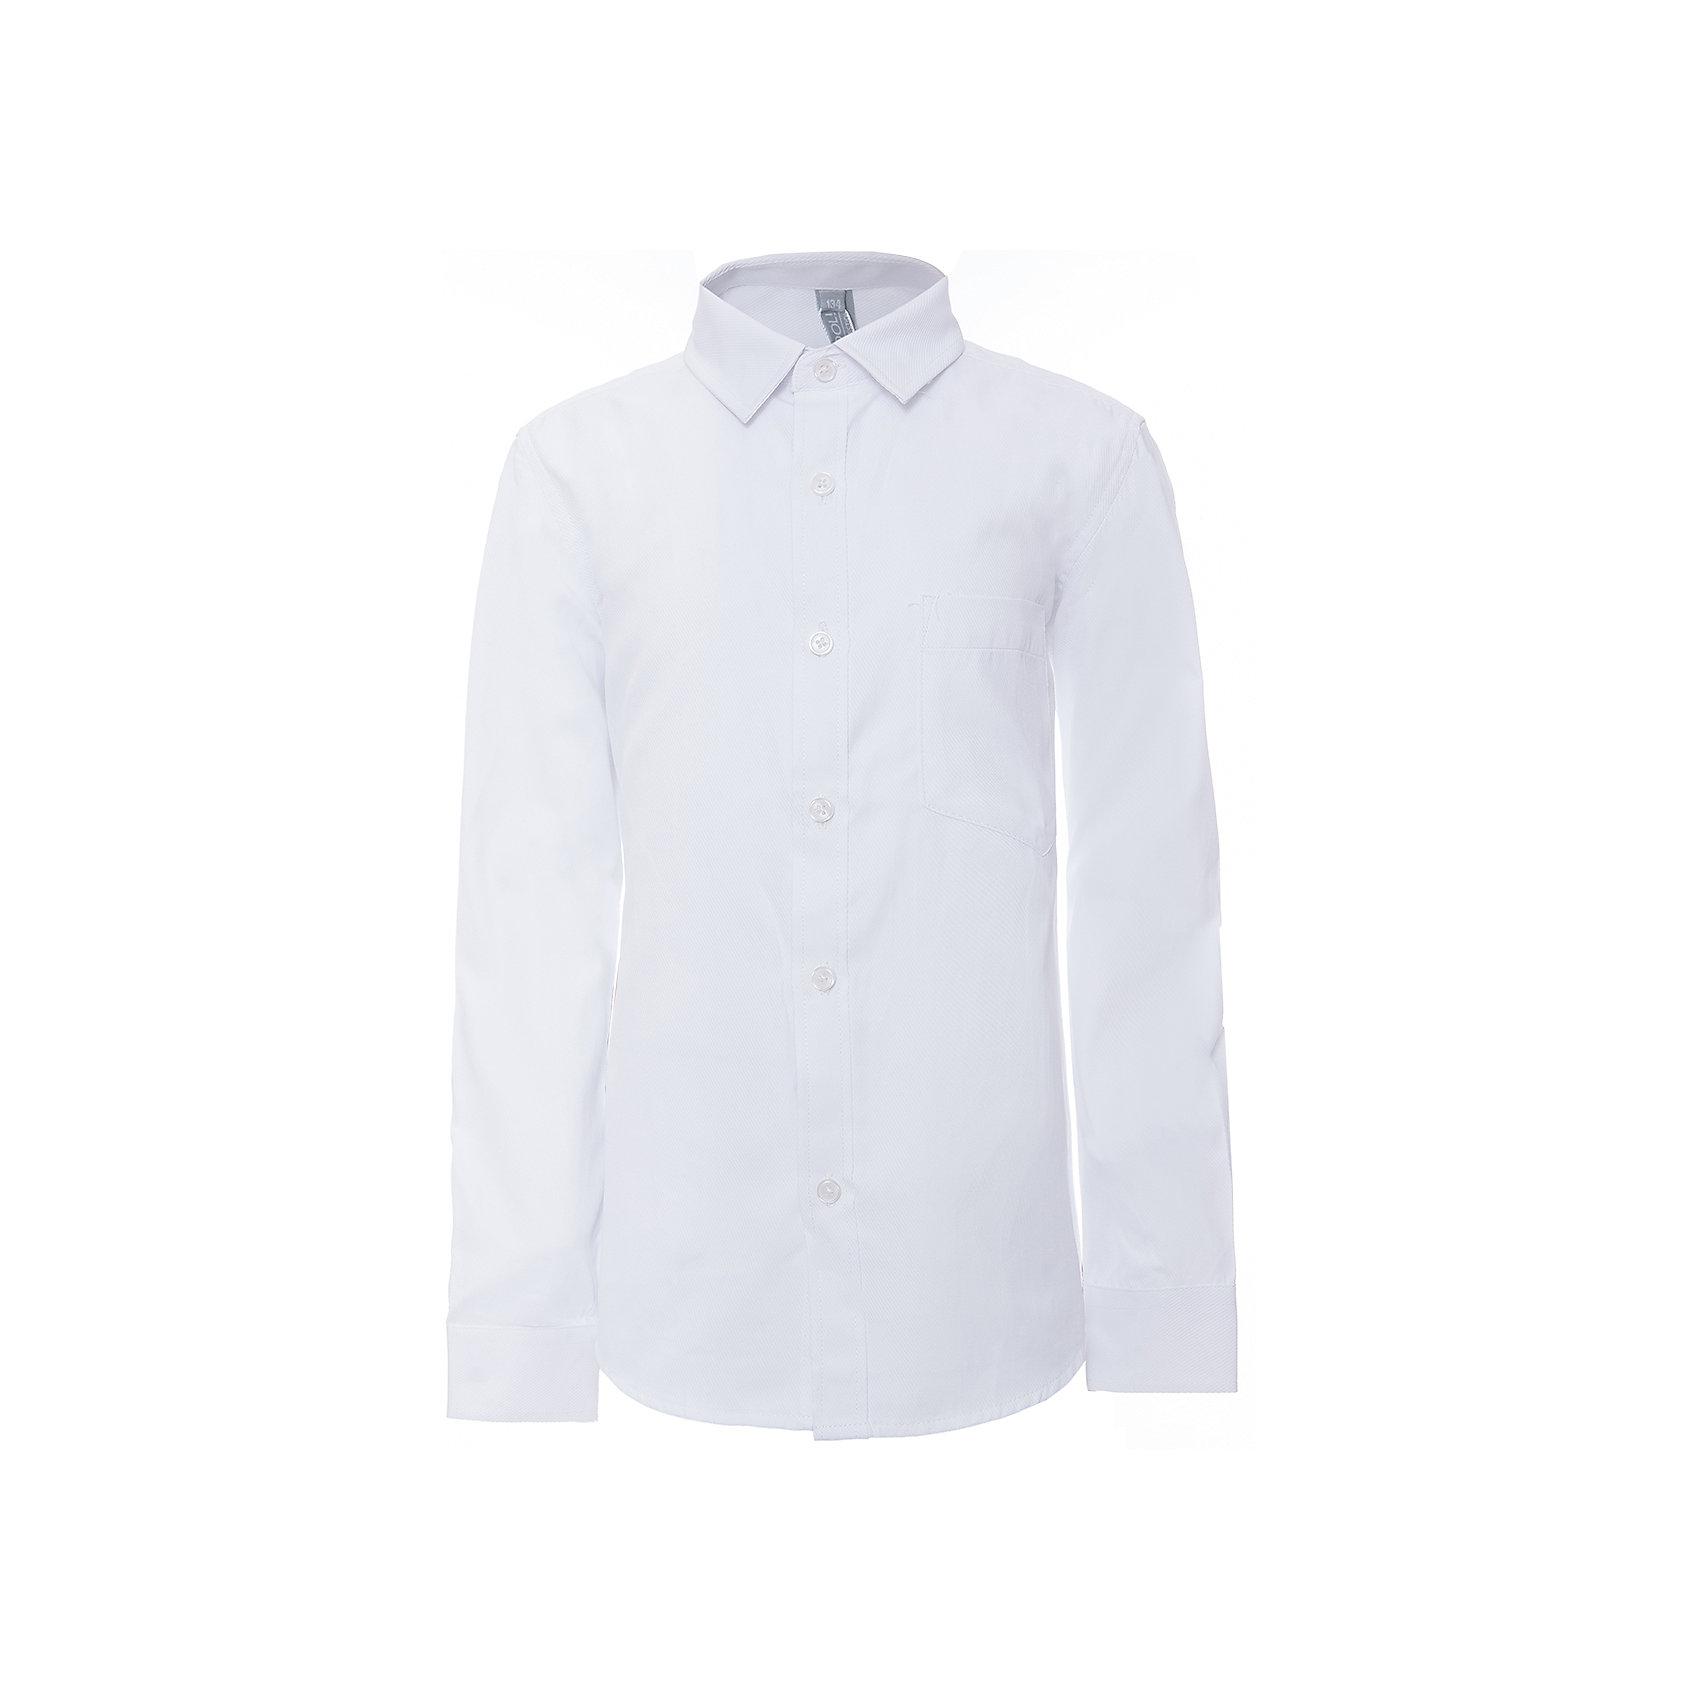 Рубашка для мальчика ScoolБлузки и рубашки<br>Рубашка для мальчика Scool<br>Сорочка с длинным рукавом в классическом стиле выполнена из приятной к телу смесовой ткани. Лекало этой модели полностью повторяет лекало модели для взрослого мужчины. Сорочка хорошо сочетается с костюмом в деловом стиле и джинсами.Преимущества: Модель с накладным карманомРукава сорочки с манжетами<br>Состав:<br>45% хлопок, 55% полиэстер<br><br>Ширина мм: 174<br>Глубина мм: 10<br>Высота мм: 169<br>Вес г: 157<br>Цвет: белый<br>Возраст от месяцев: 156<br>Возраст до месяцев: 168<br>Пол: Мужской<br>Возраст: Детский<br>Размер: 164,122,128,134,140,146,152,158<br>SKU: 6754471